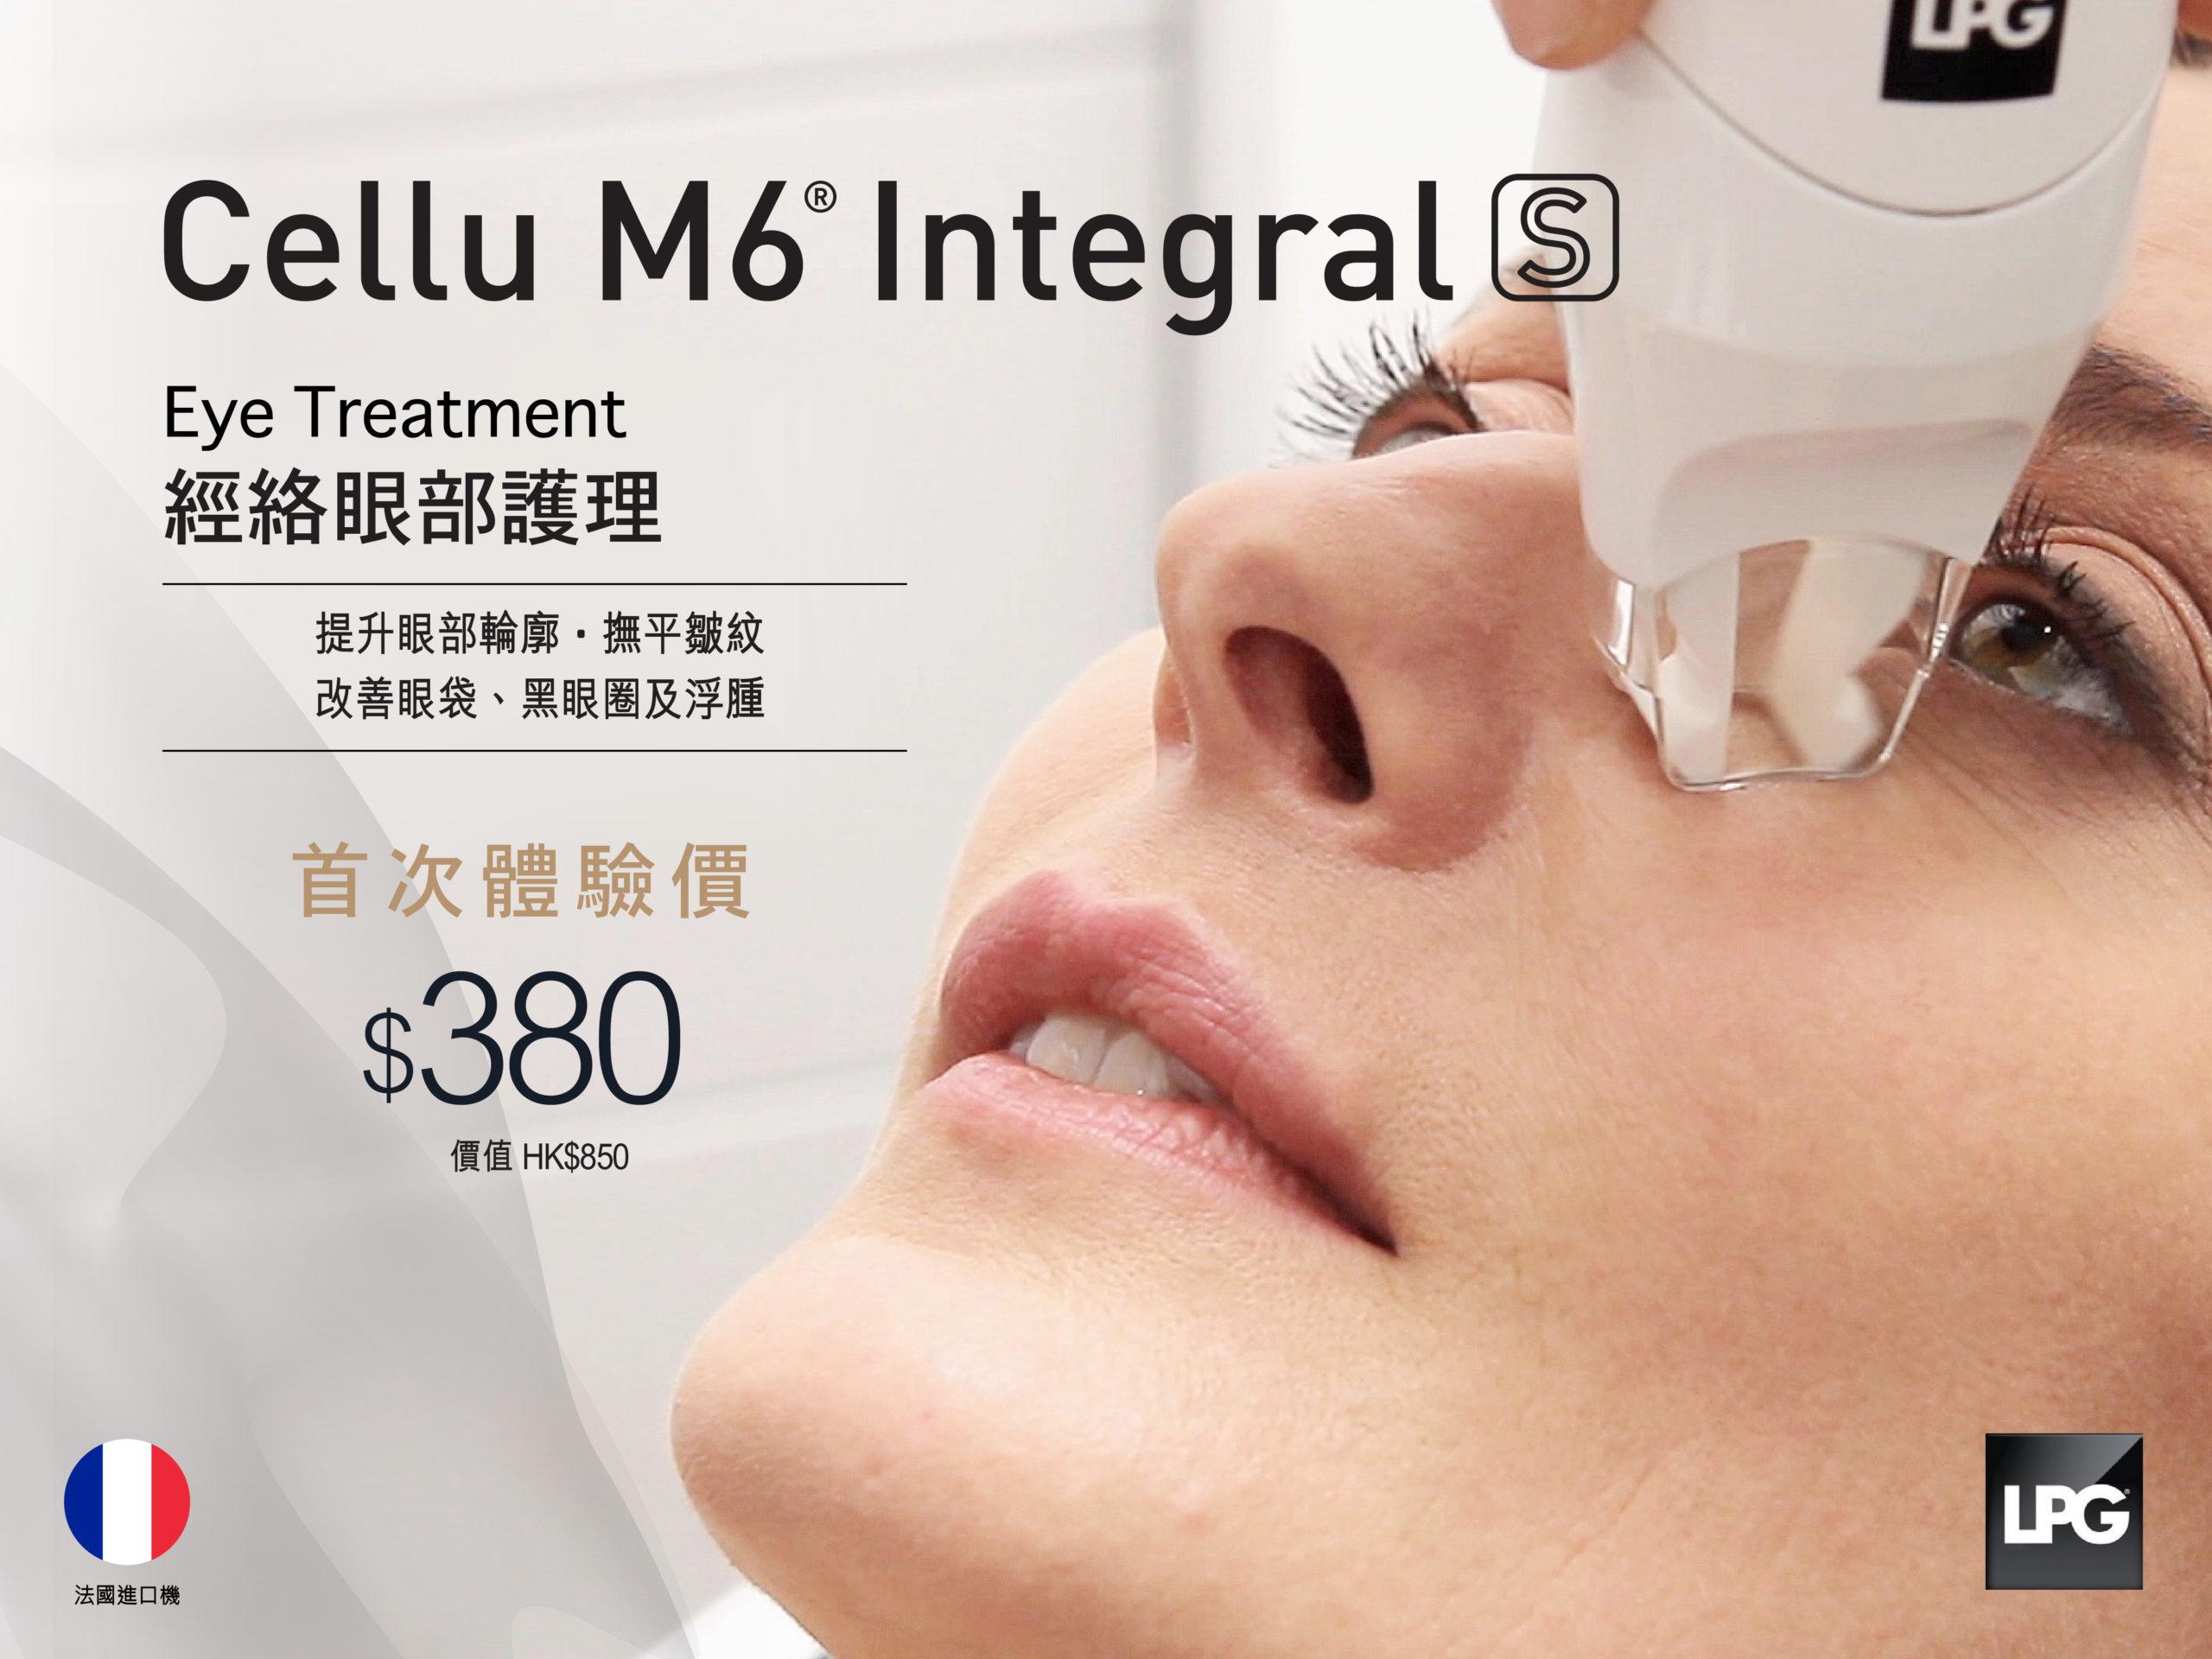 AsterSpring Cellu M6眼部療程,首次試做價$380